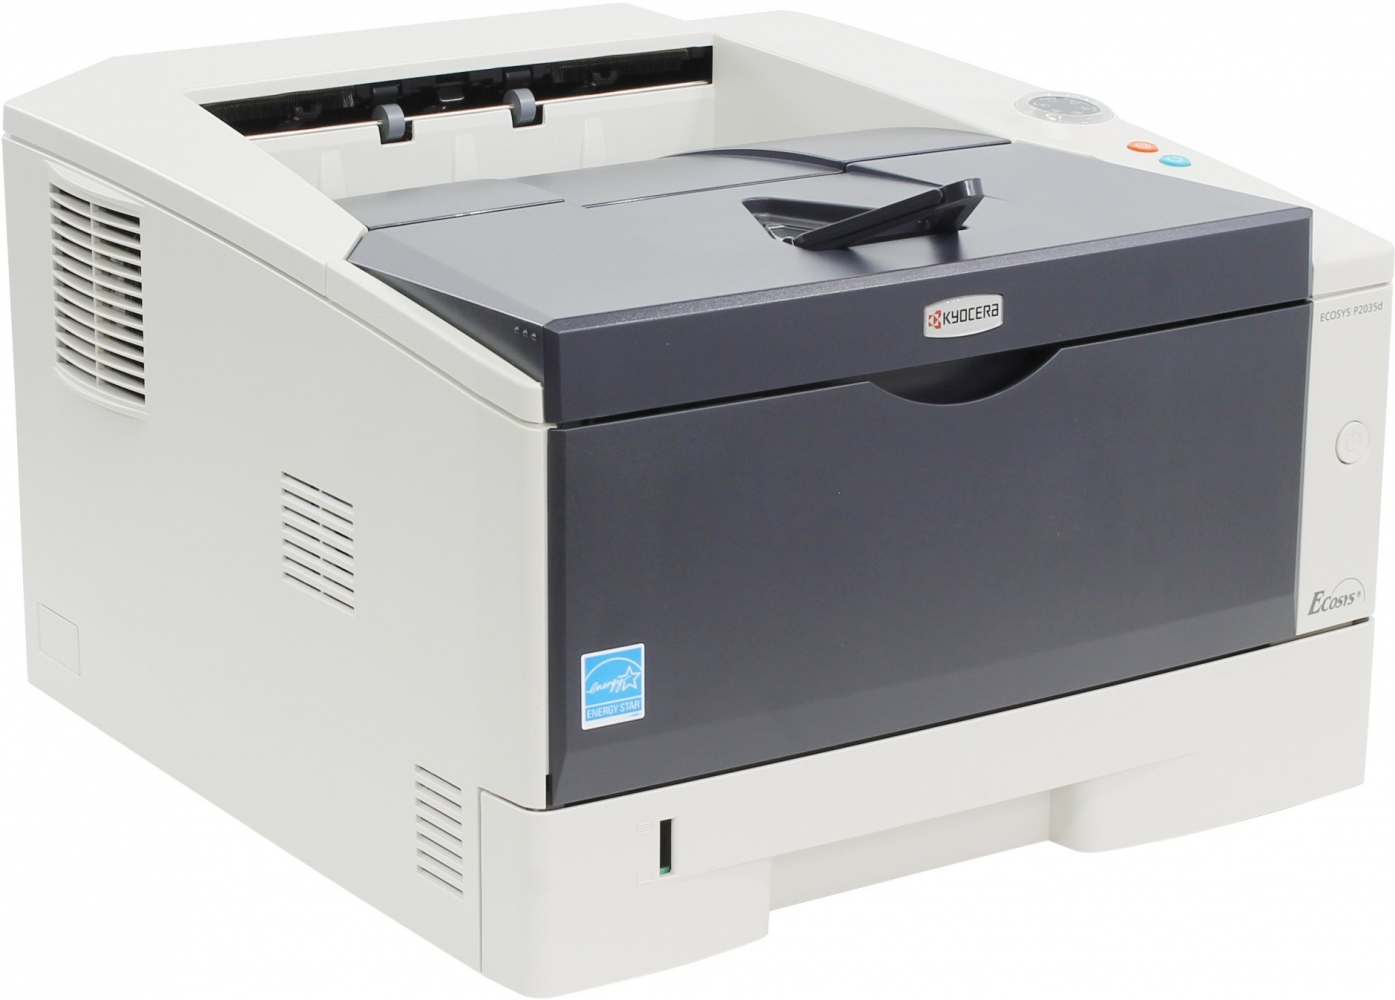 Принтер Kyocera p2035d